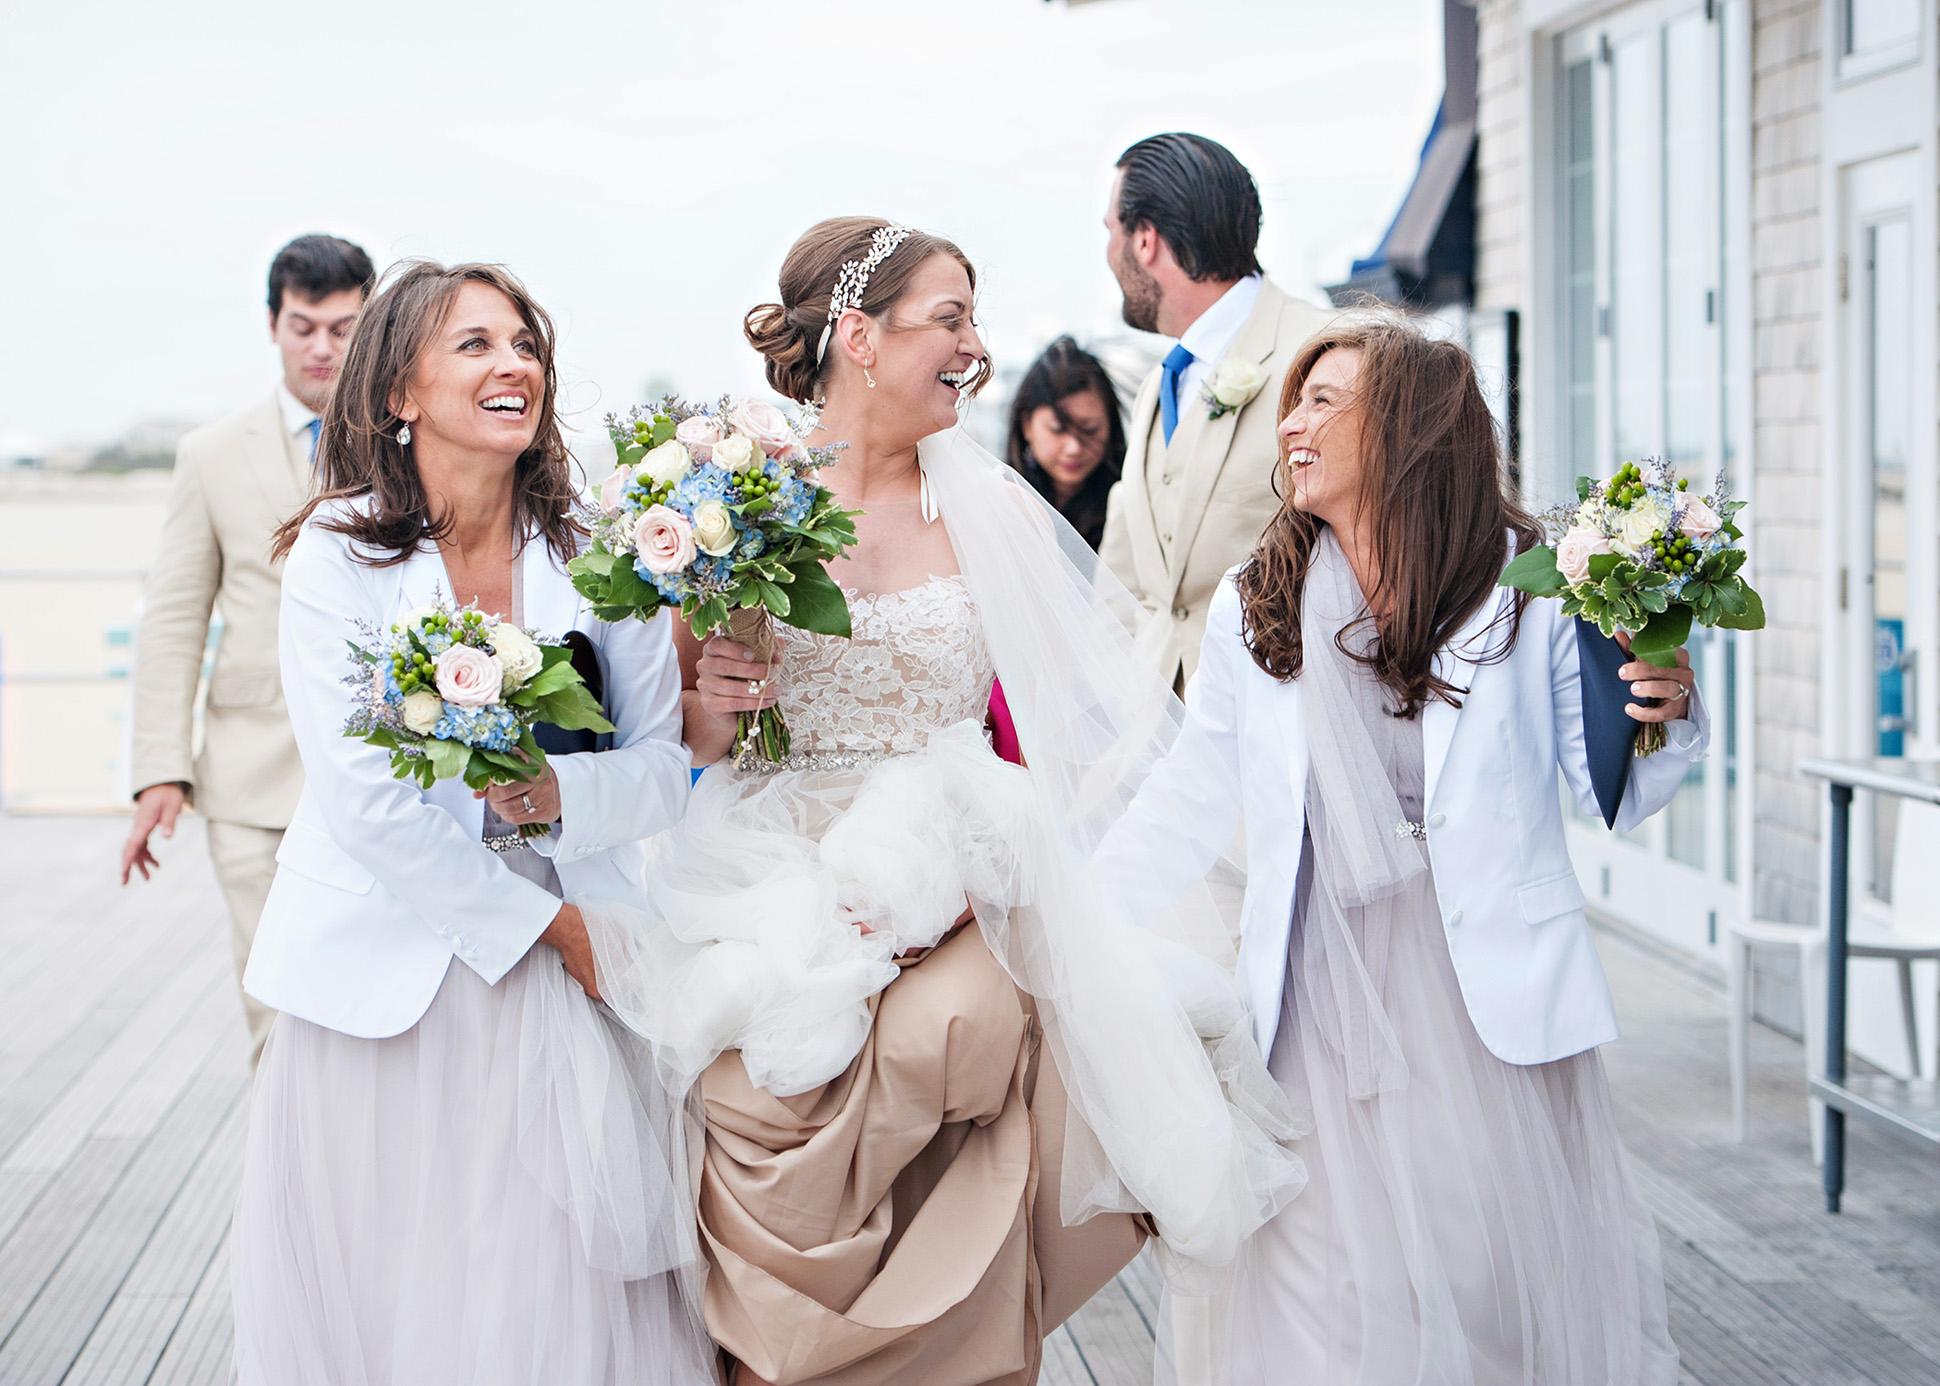 32-Sara Stadtmiller-SRS-Photography-Asbury-Park-Wedding-Photographer-Monmouth-County-Wedding-Photographer-NJ-Wedding-Photographer-Avon-by-the-Sea-Wedding-The-Columns-Wedding